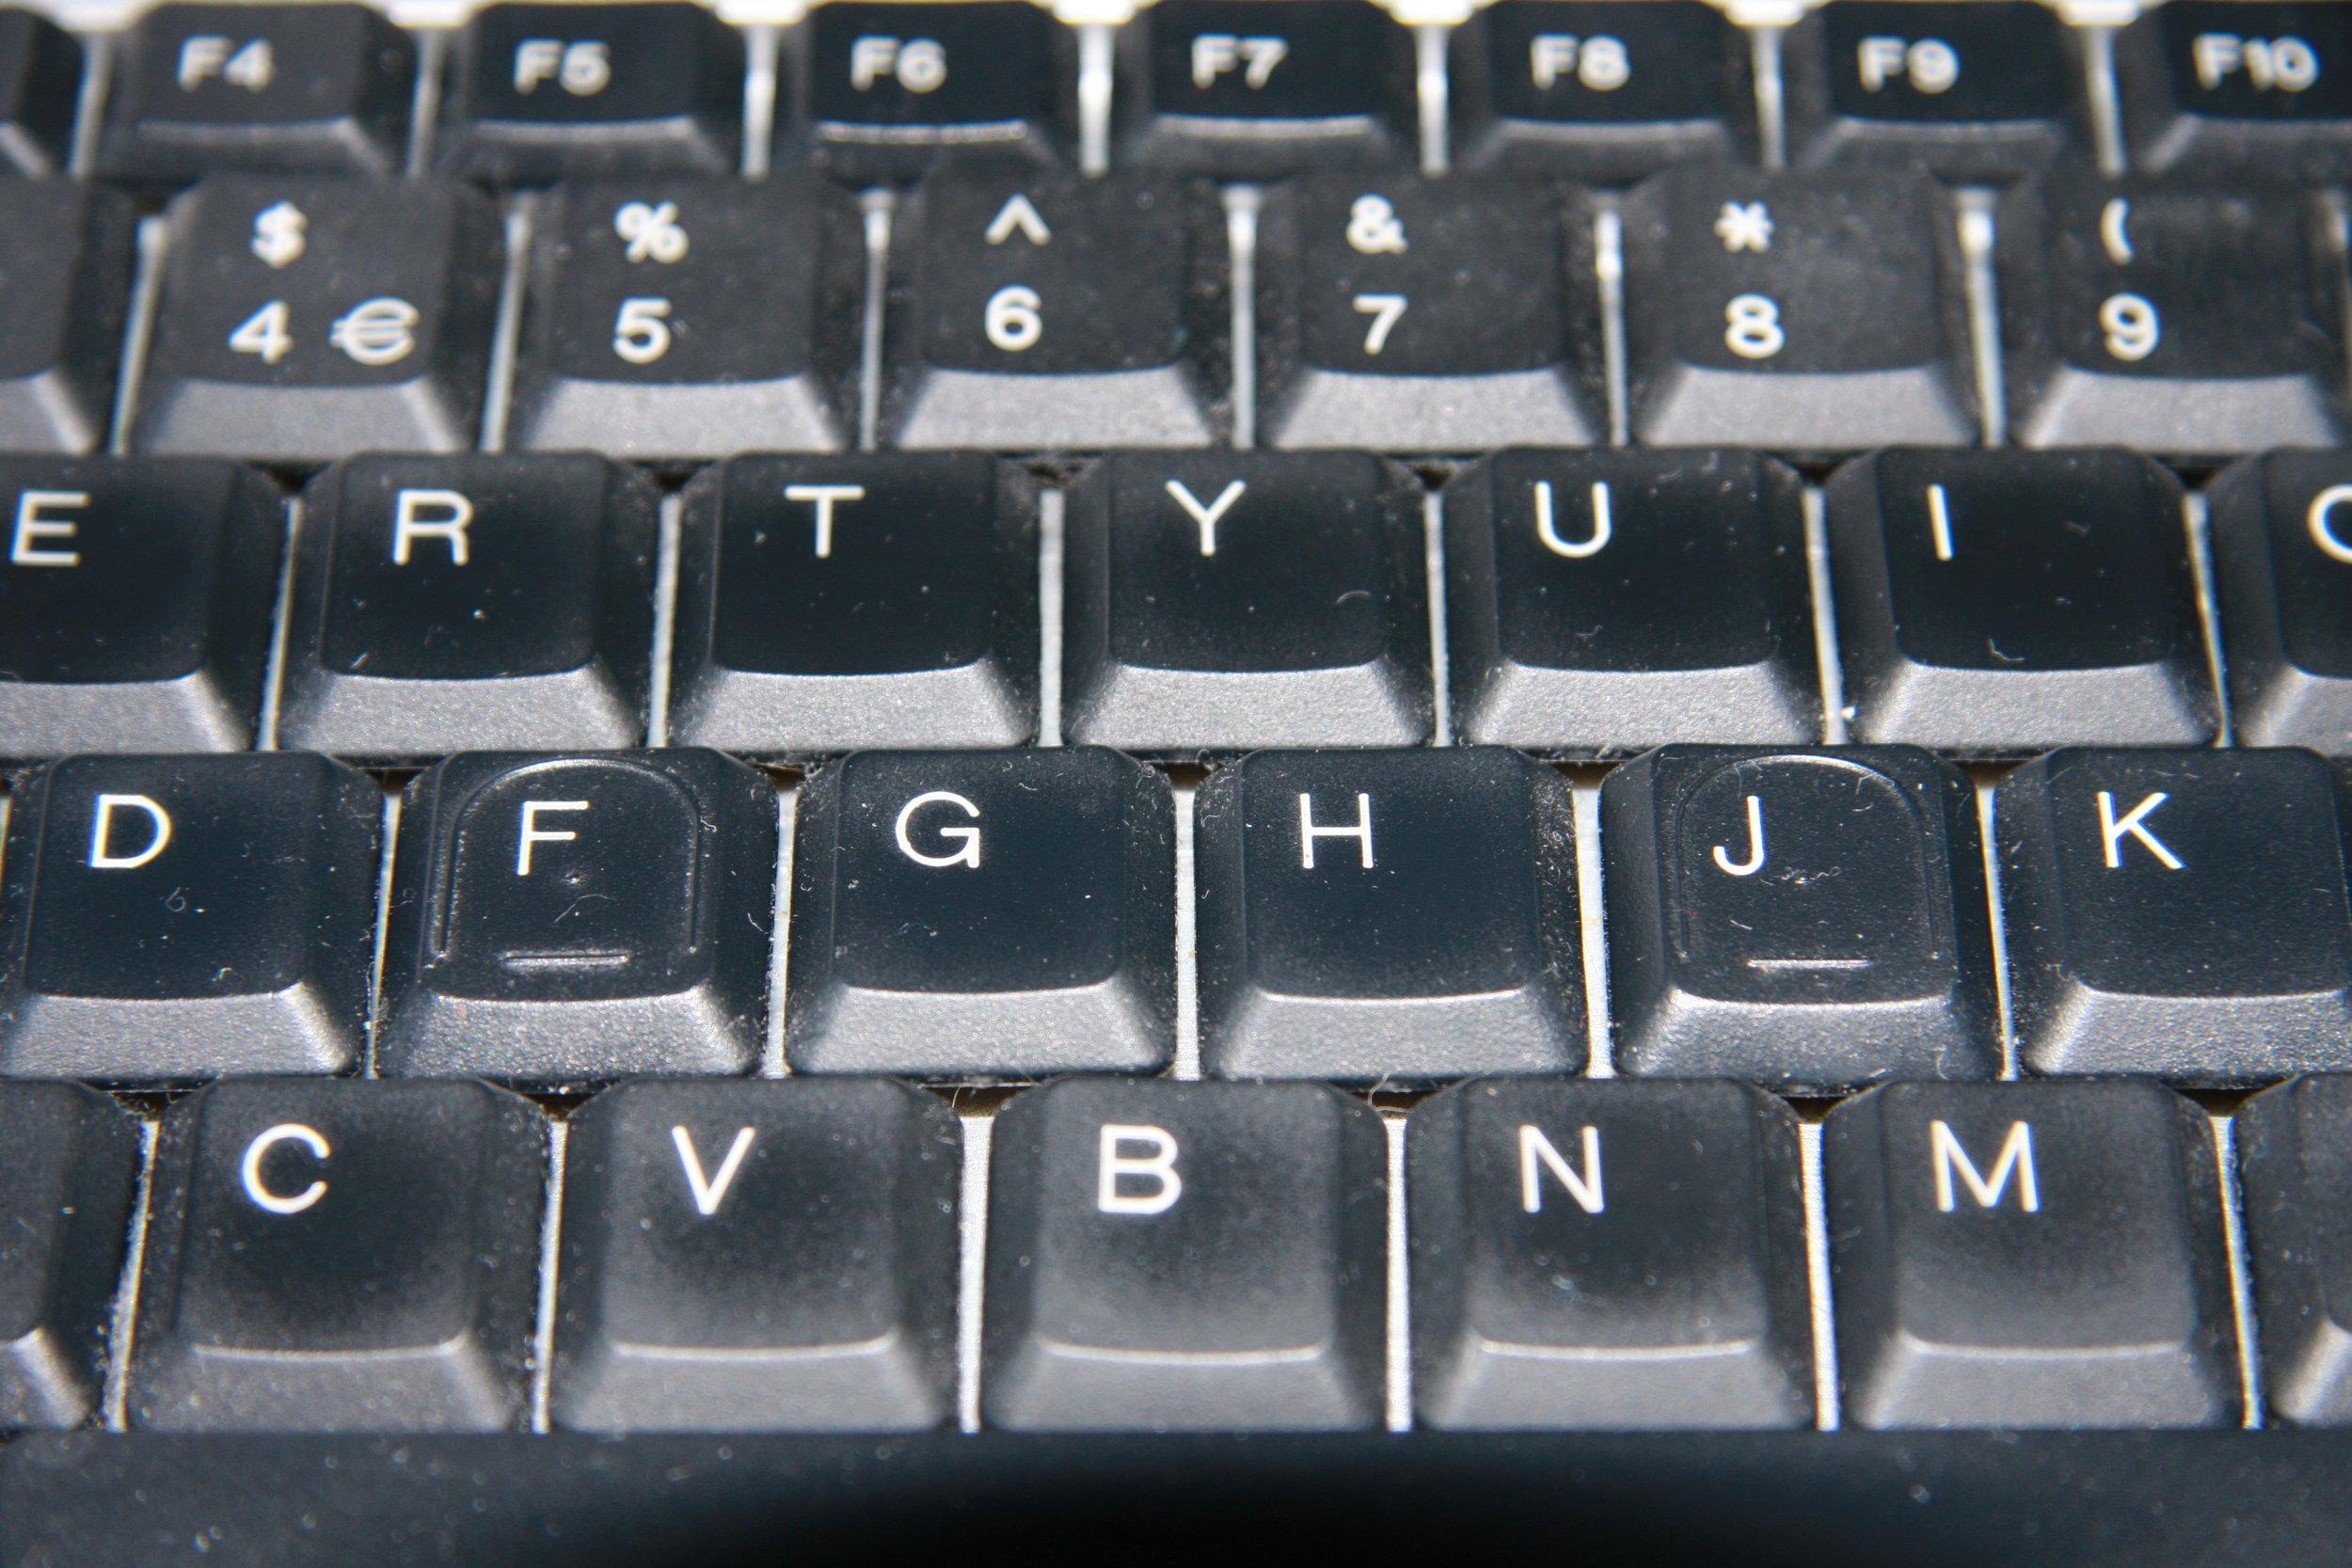 Keyboard, by Terry Freedman